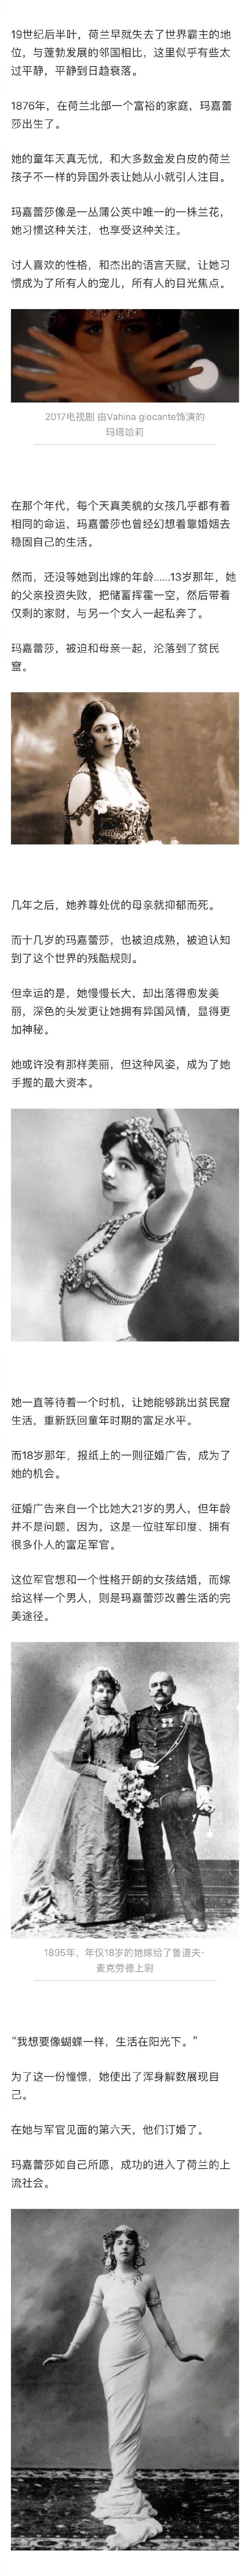 她是巴黎最红的脱衣舞娘,是来自古老神秘东方的神之女,一生都是一个悲剧的传奇 涨姿势 第2张